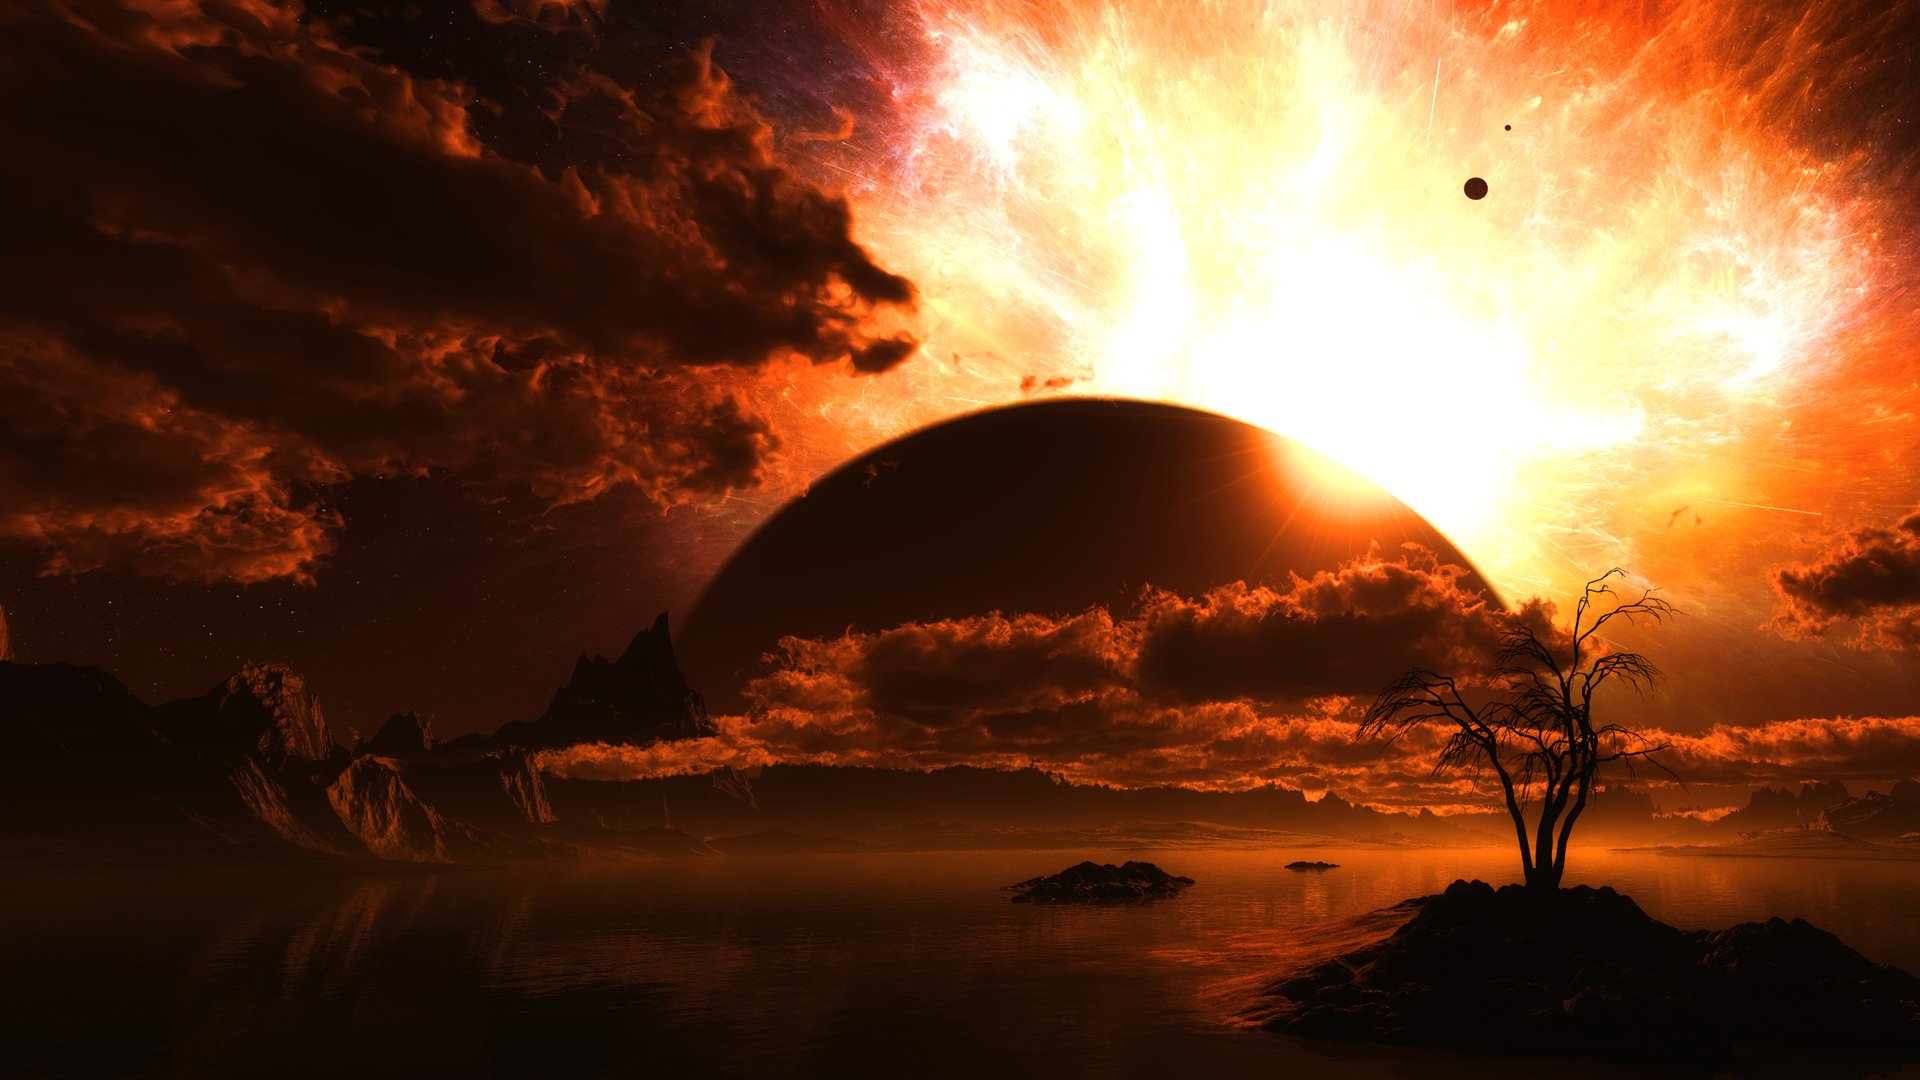 Sci Fi - Planet Rise  Orange Planet Cloud Landscape Lake Wallpaper